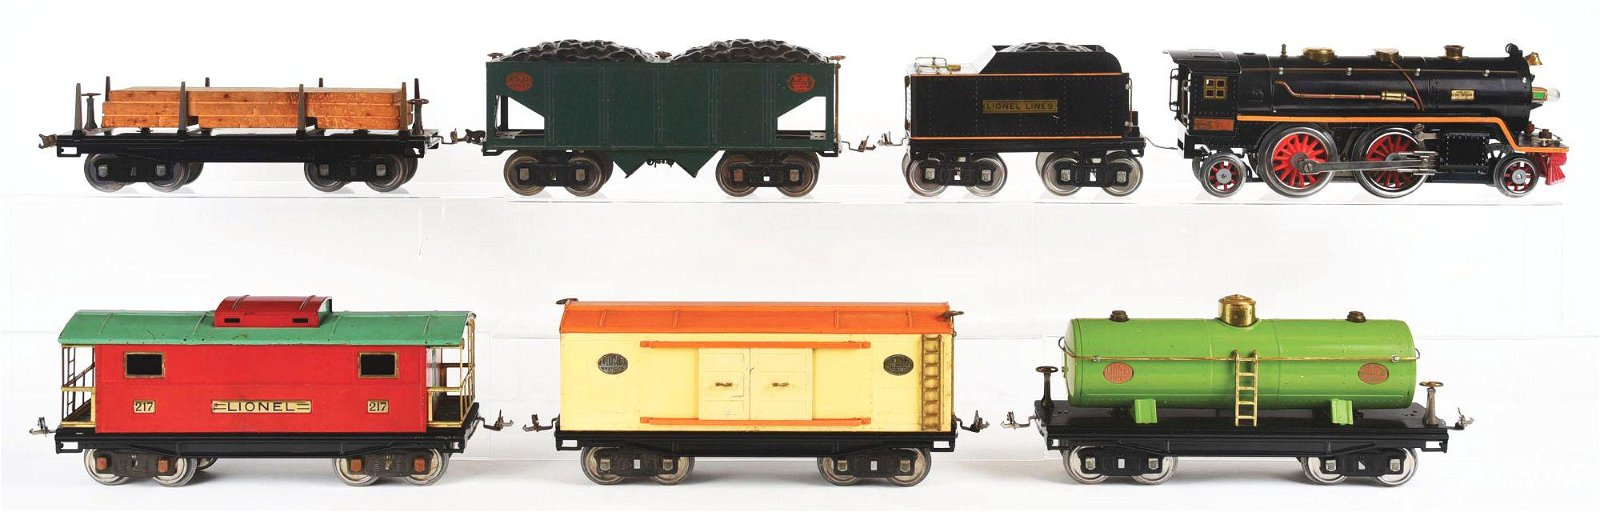 LIONEL PRE-WAR STANDARD GAUGE NO. 390 FREIGHT TRAIN